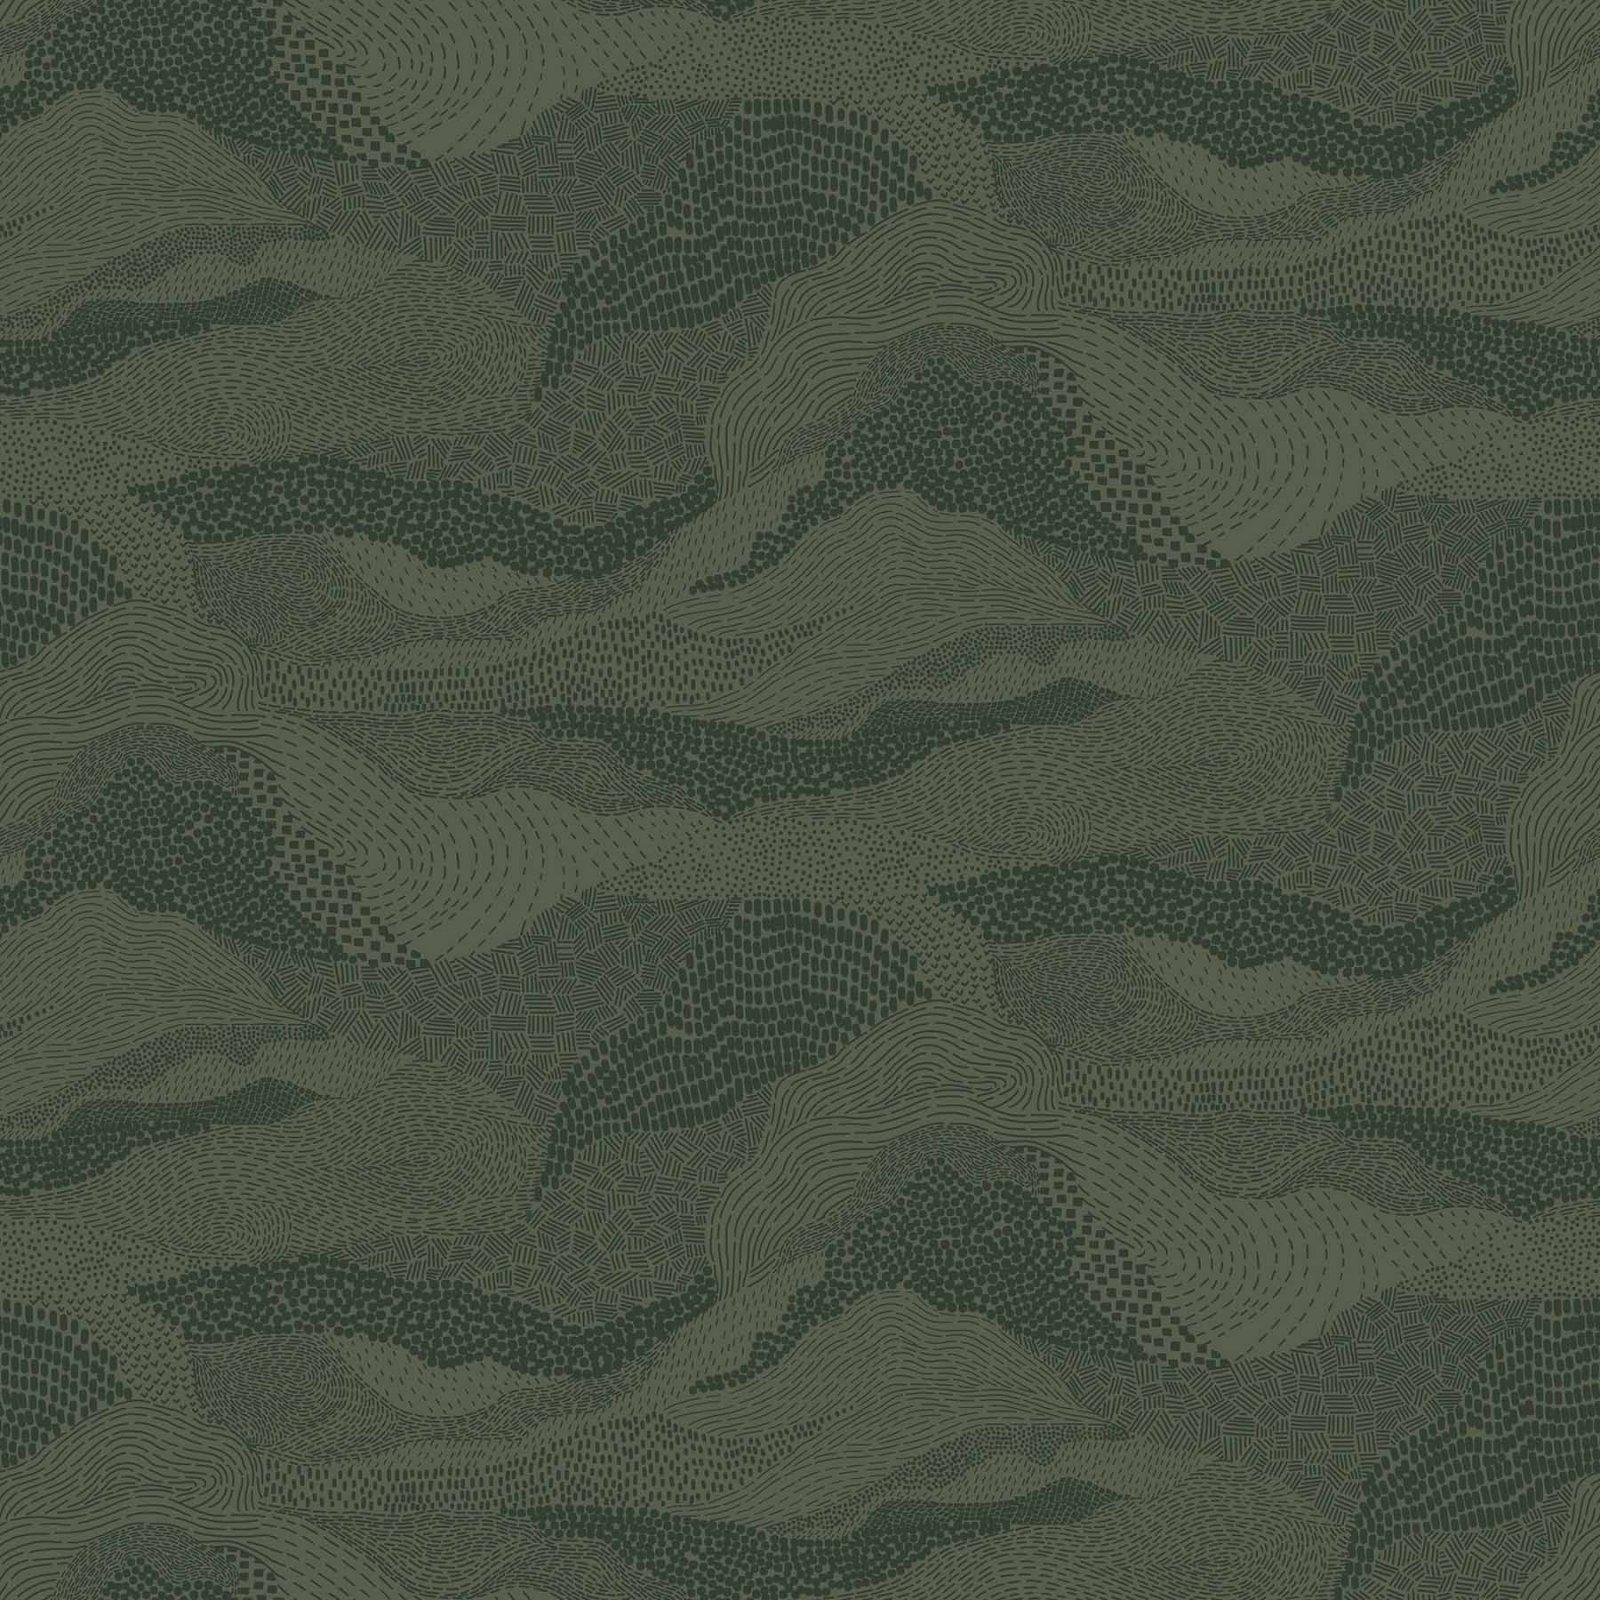 Figo Elements - Terrain Green Gray